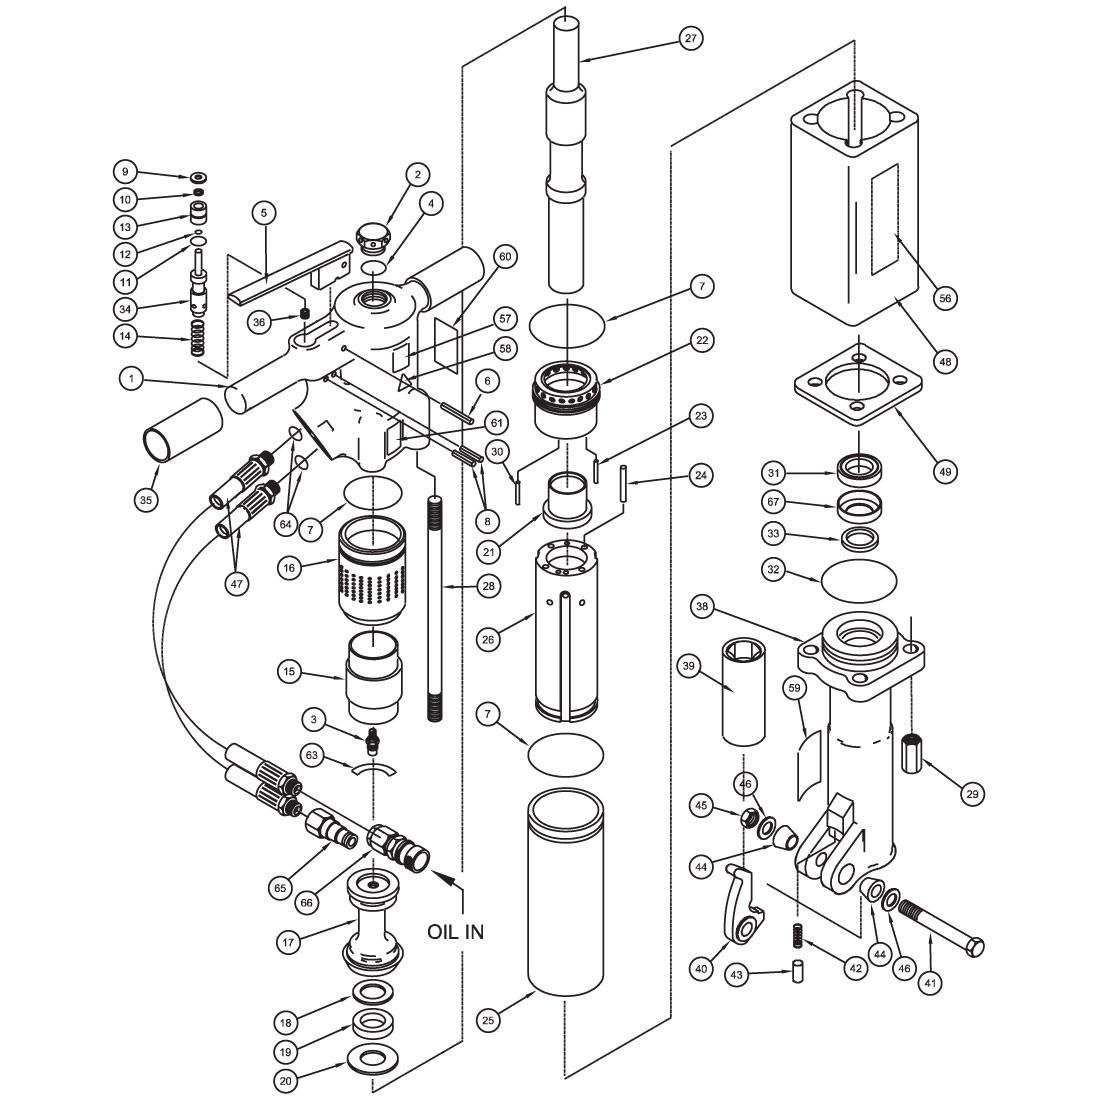 breaker schematic drawing